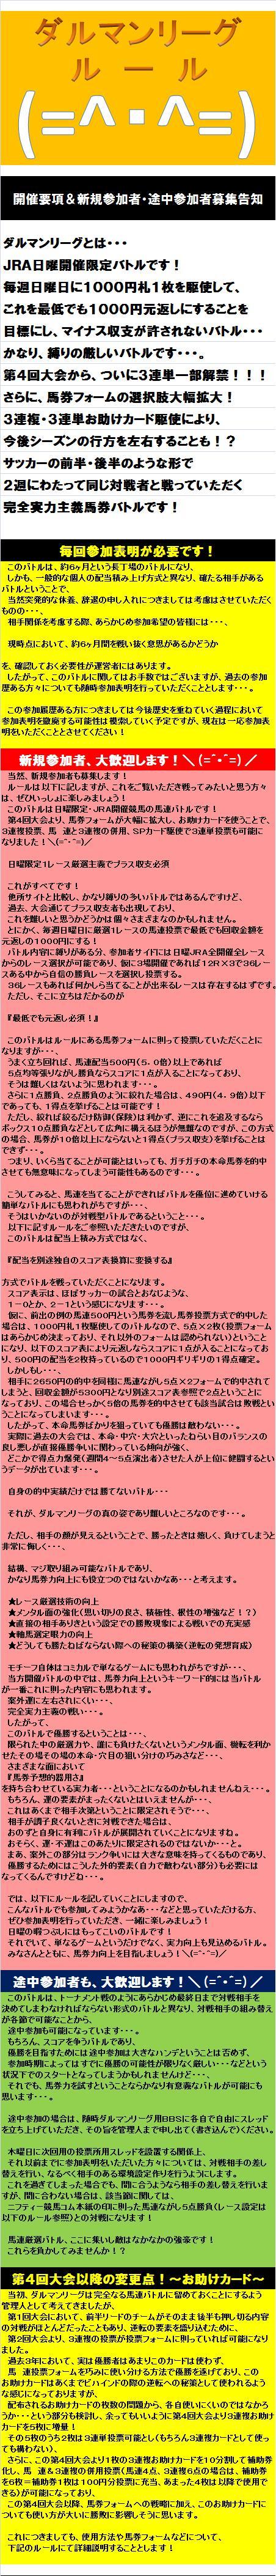 20120506・ダルマンリーグ・ルール①.jpg